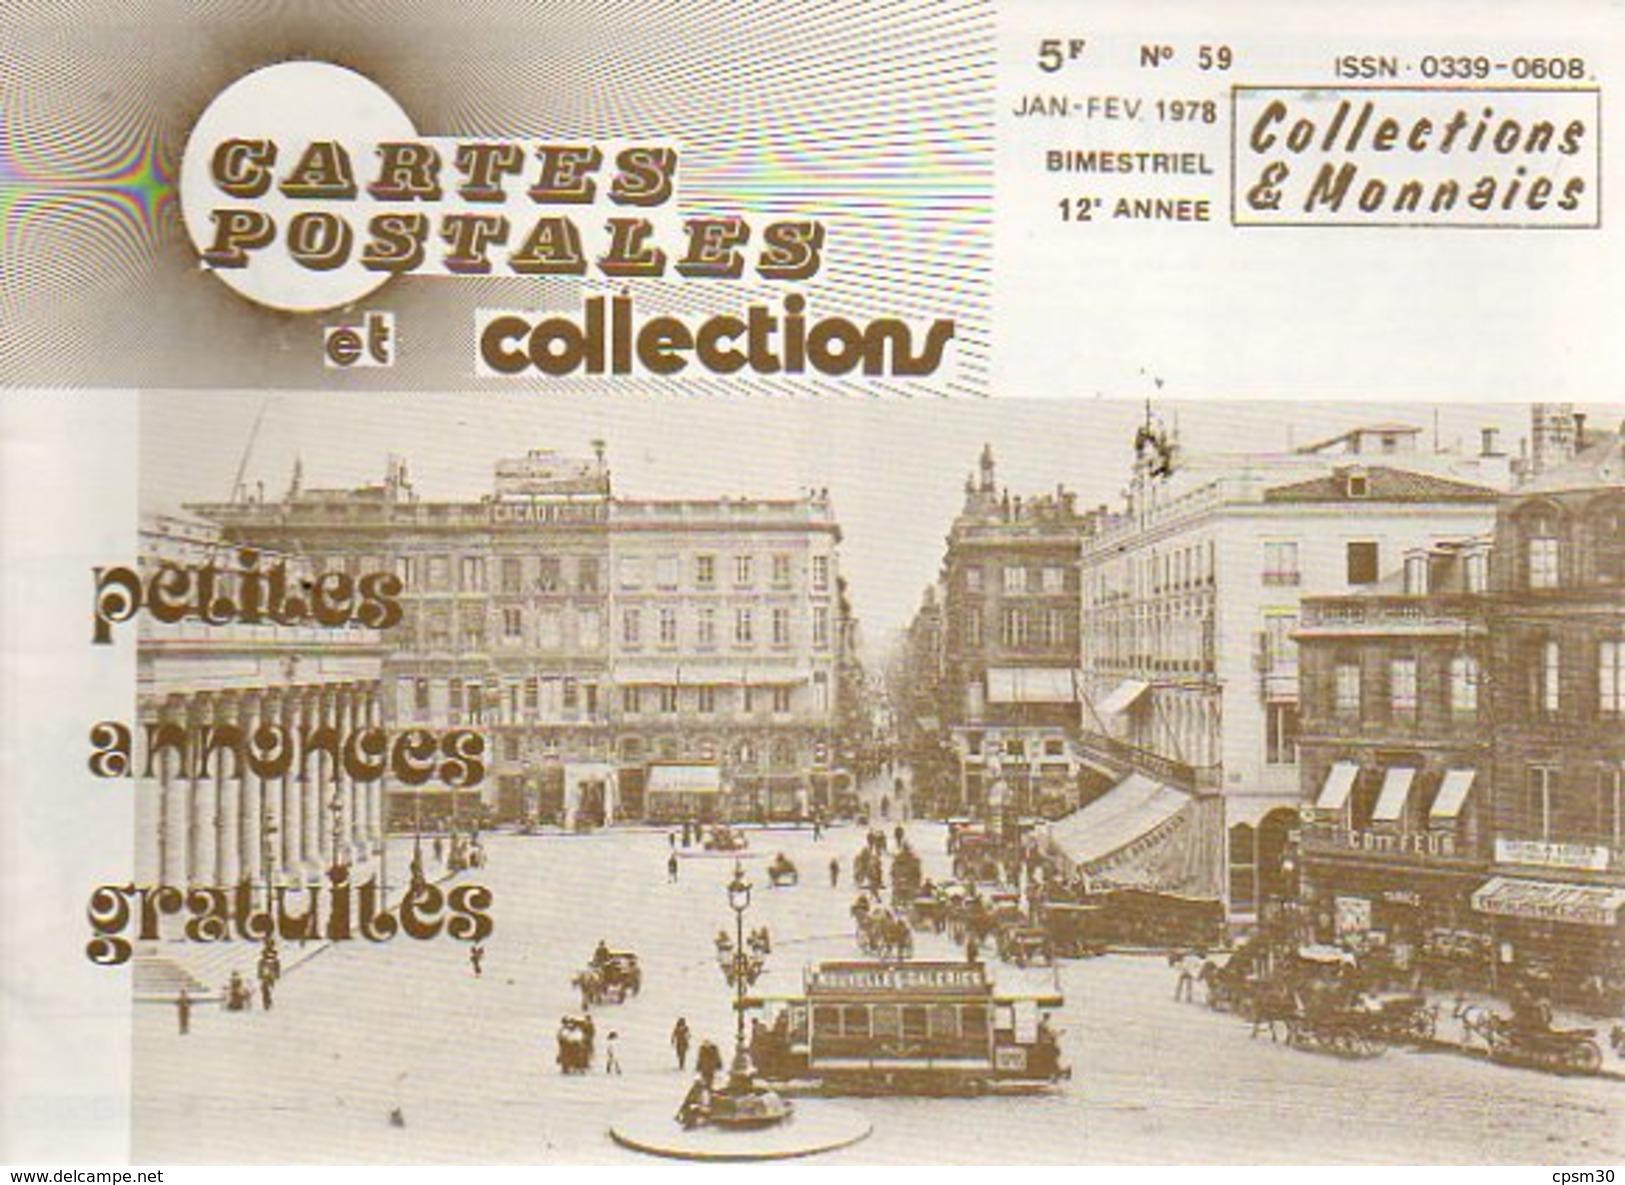 Cartes Postales Et Collections N°59 CPC - La Commune De Paris 7p; Siège Constantine 2p; Maire EU 3p; Portes De Paris 2p - Français